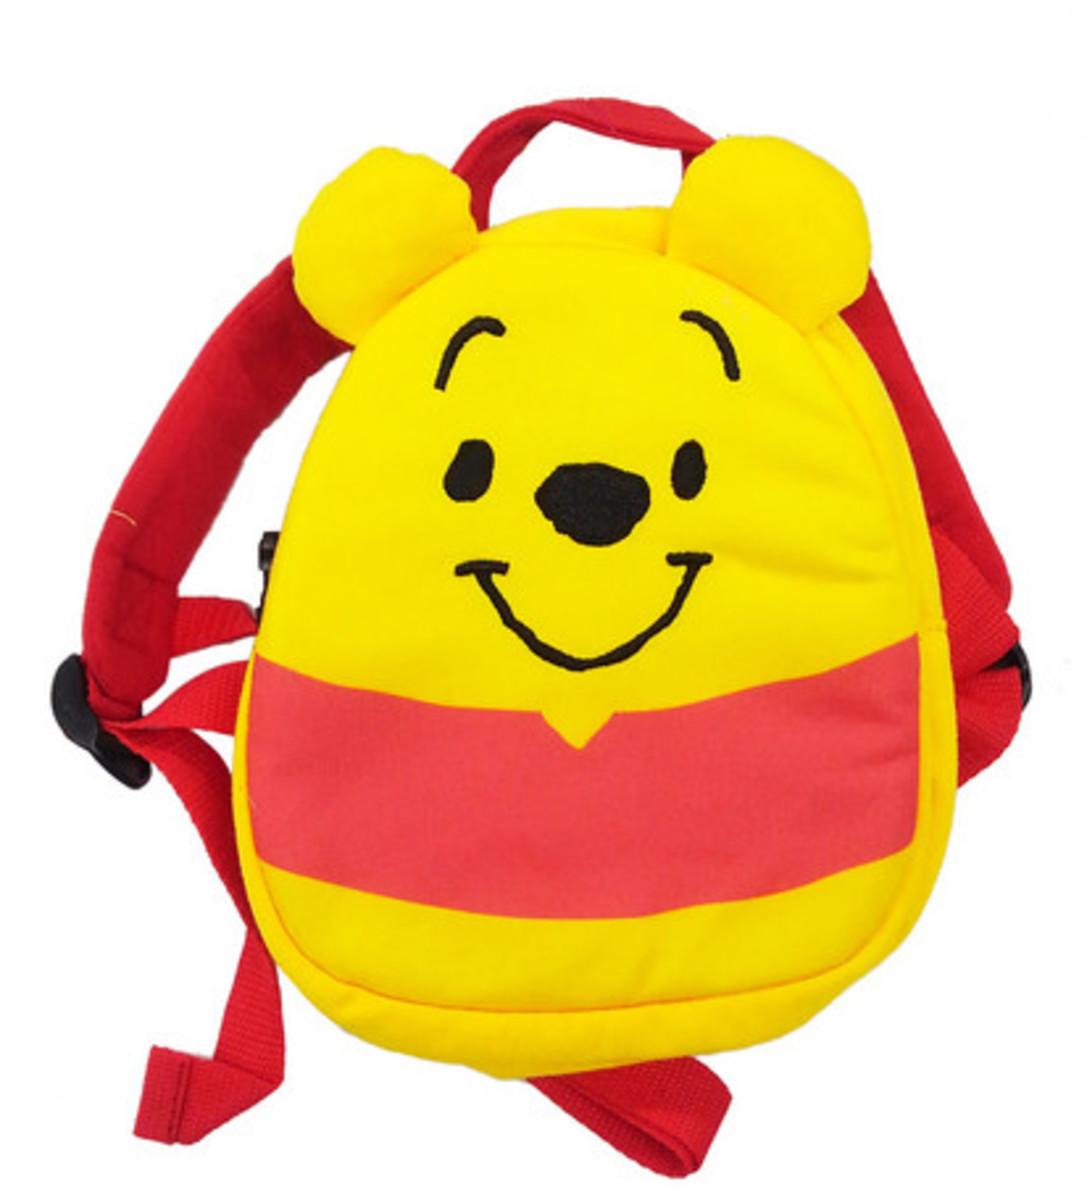 Disney kid's backpack - Winnie the Pooh